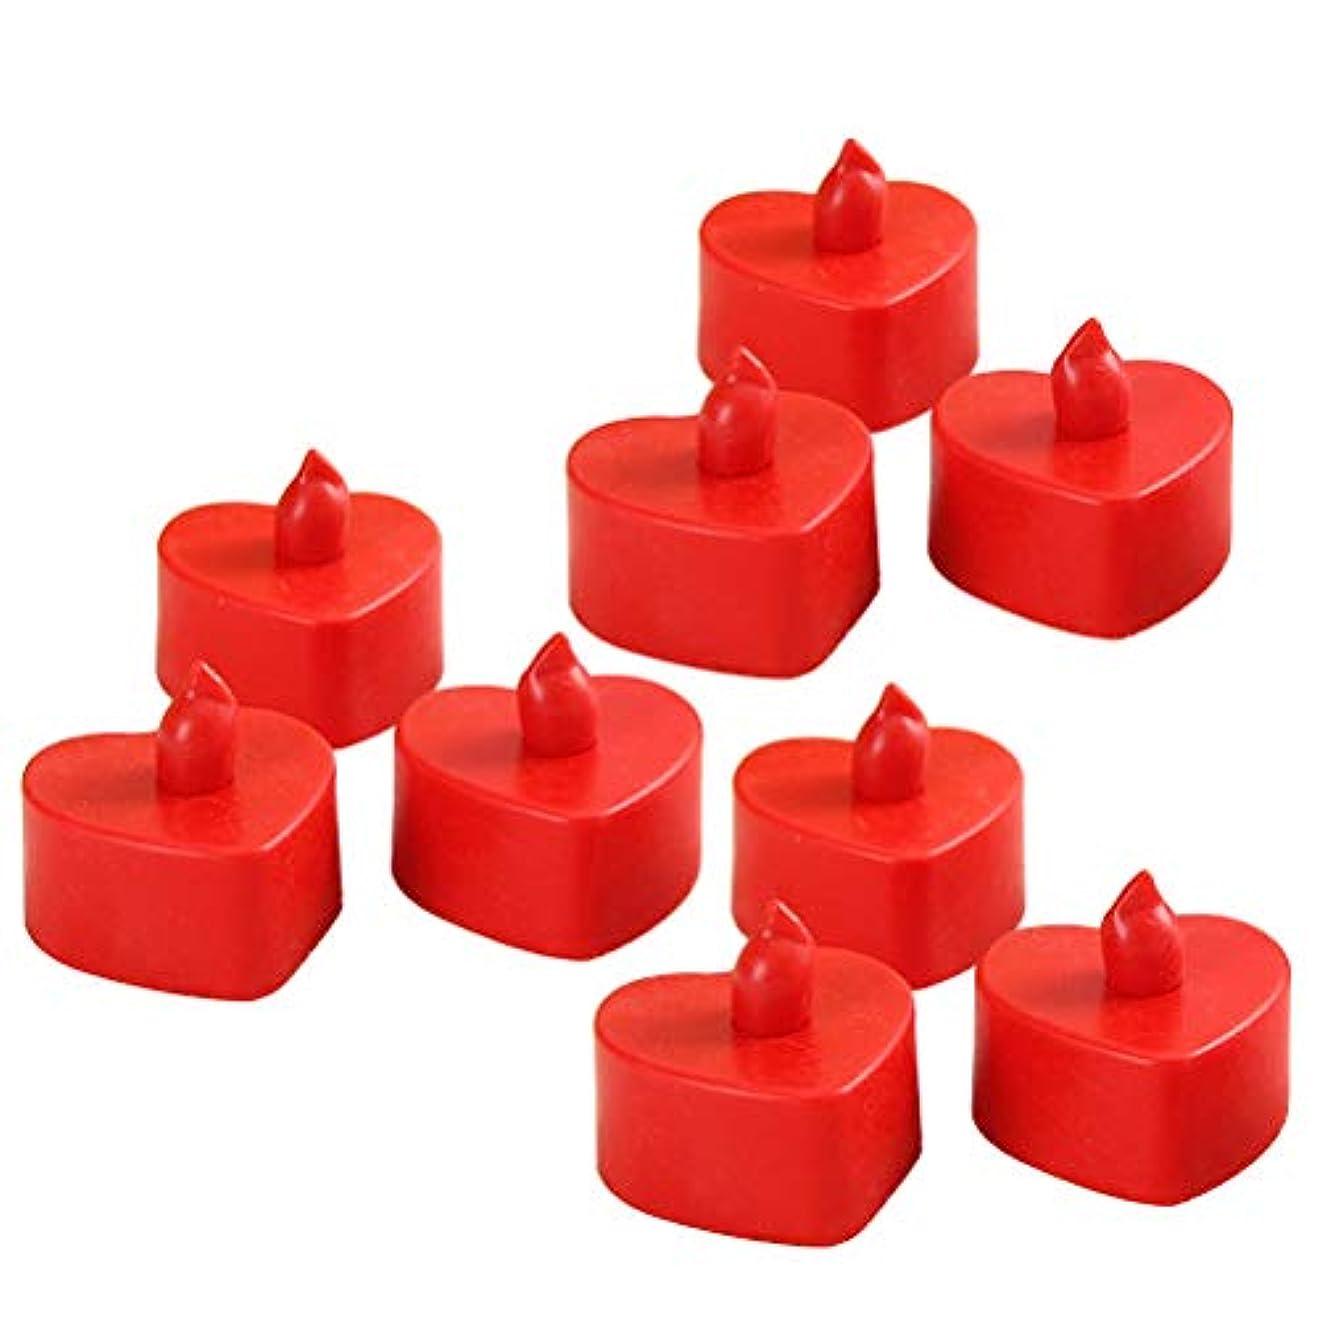 儀式愛国的な触手BESTOYARD 10個無炎キャンドルバッテリーは、キャンドルウェディングパーティフェスティバルの装飾(赤いシェルの赤い光)